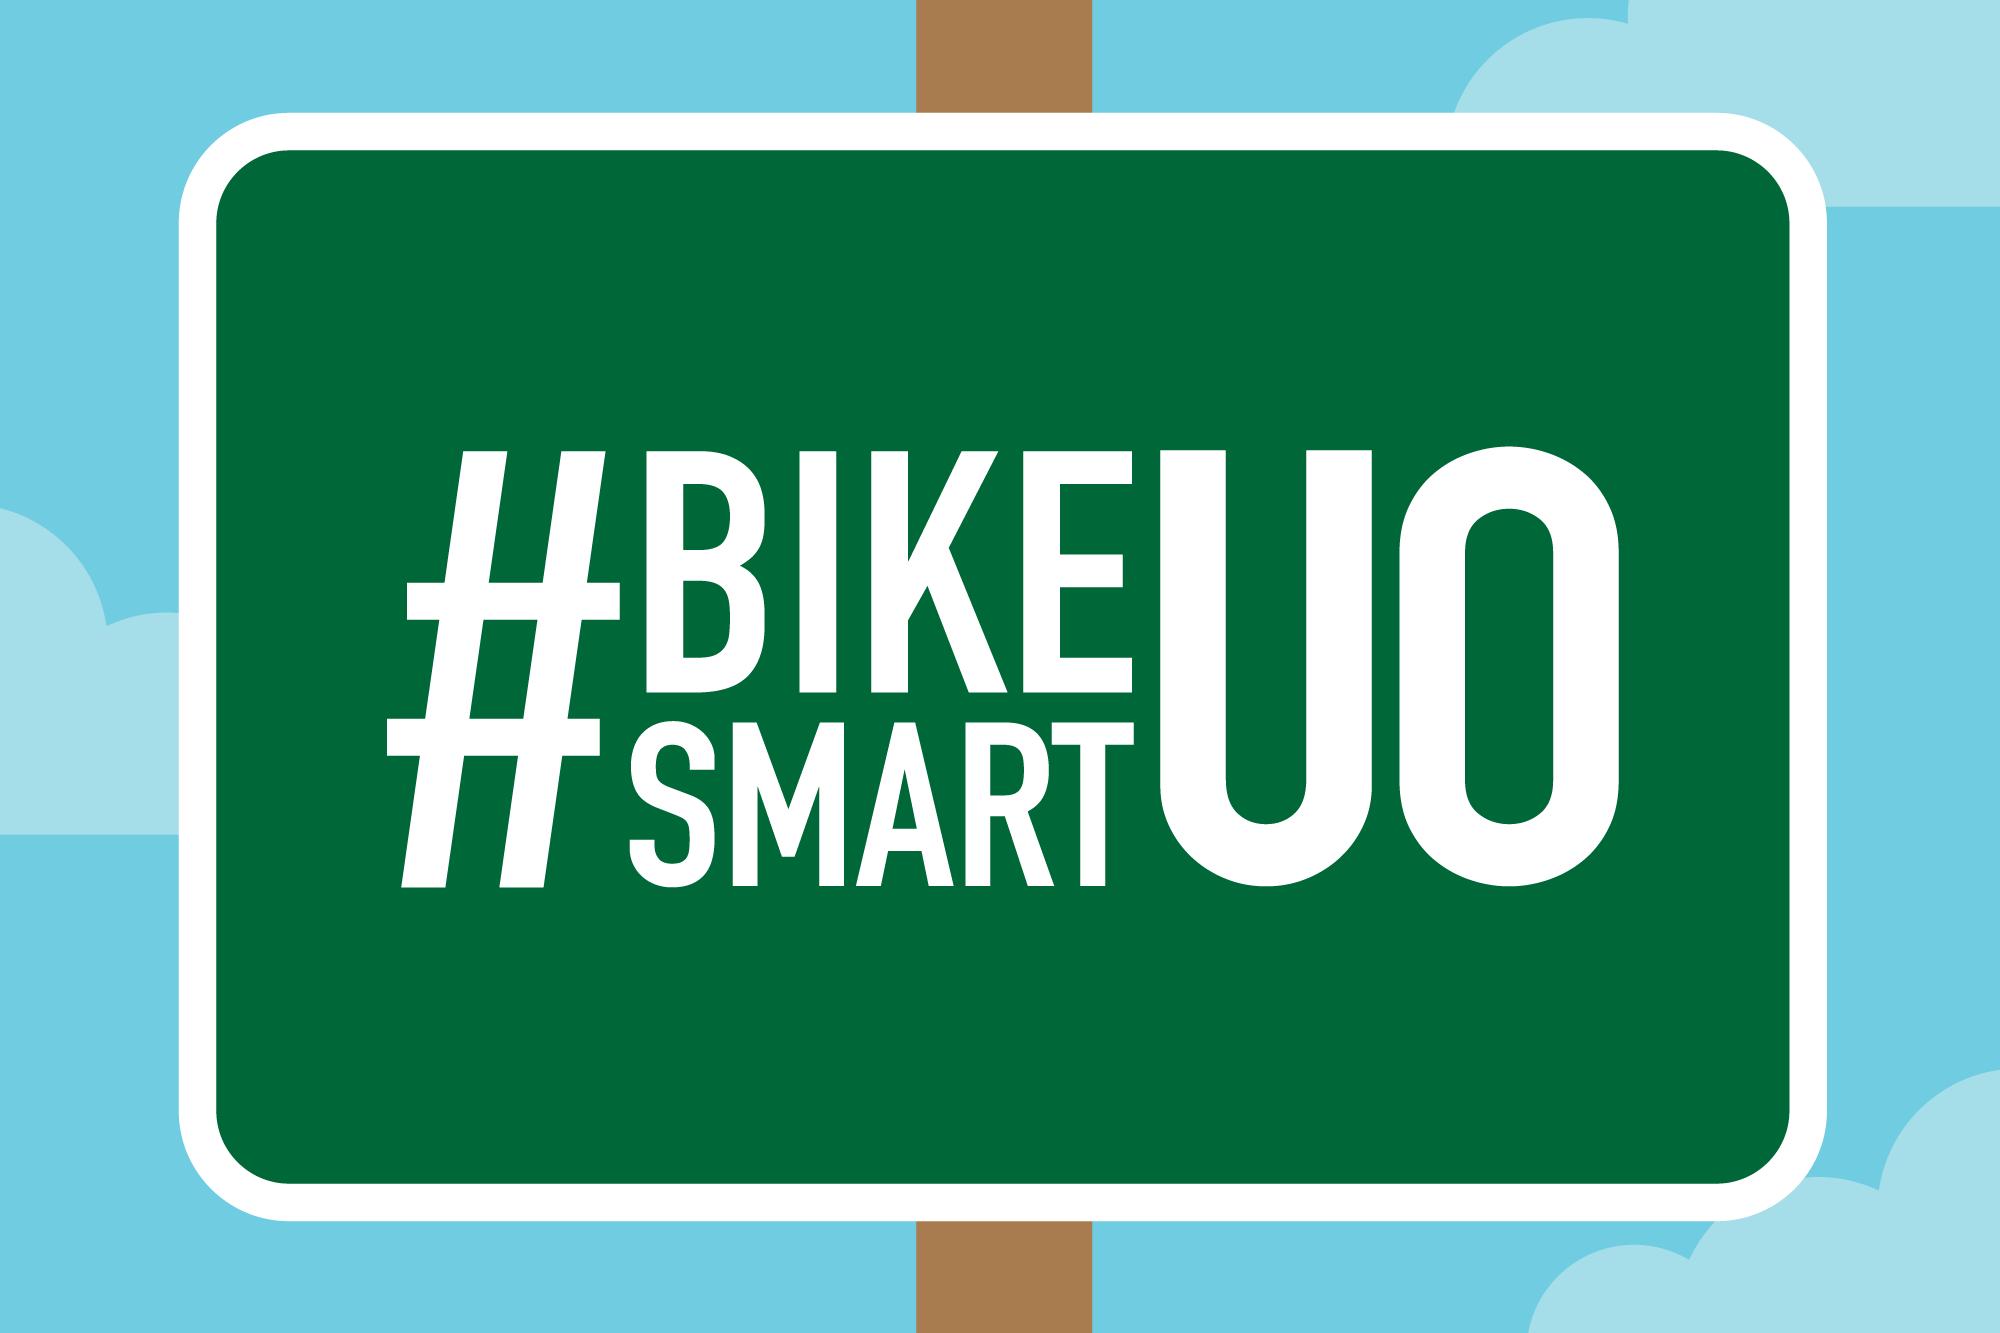 #BikeSmartUO